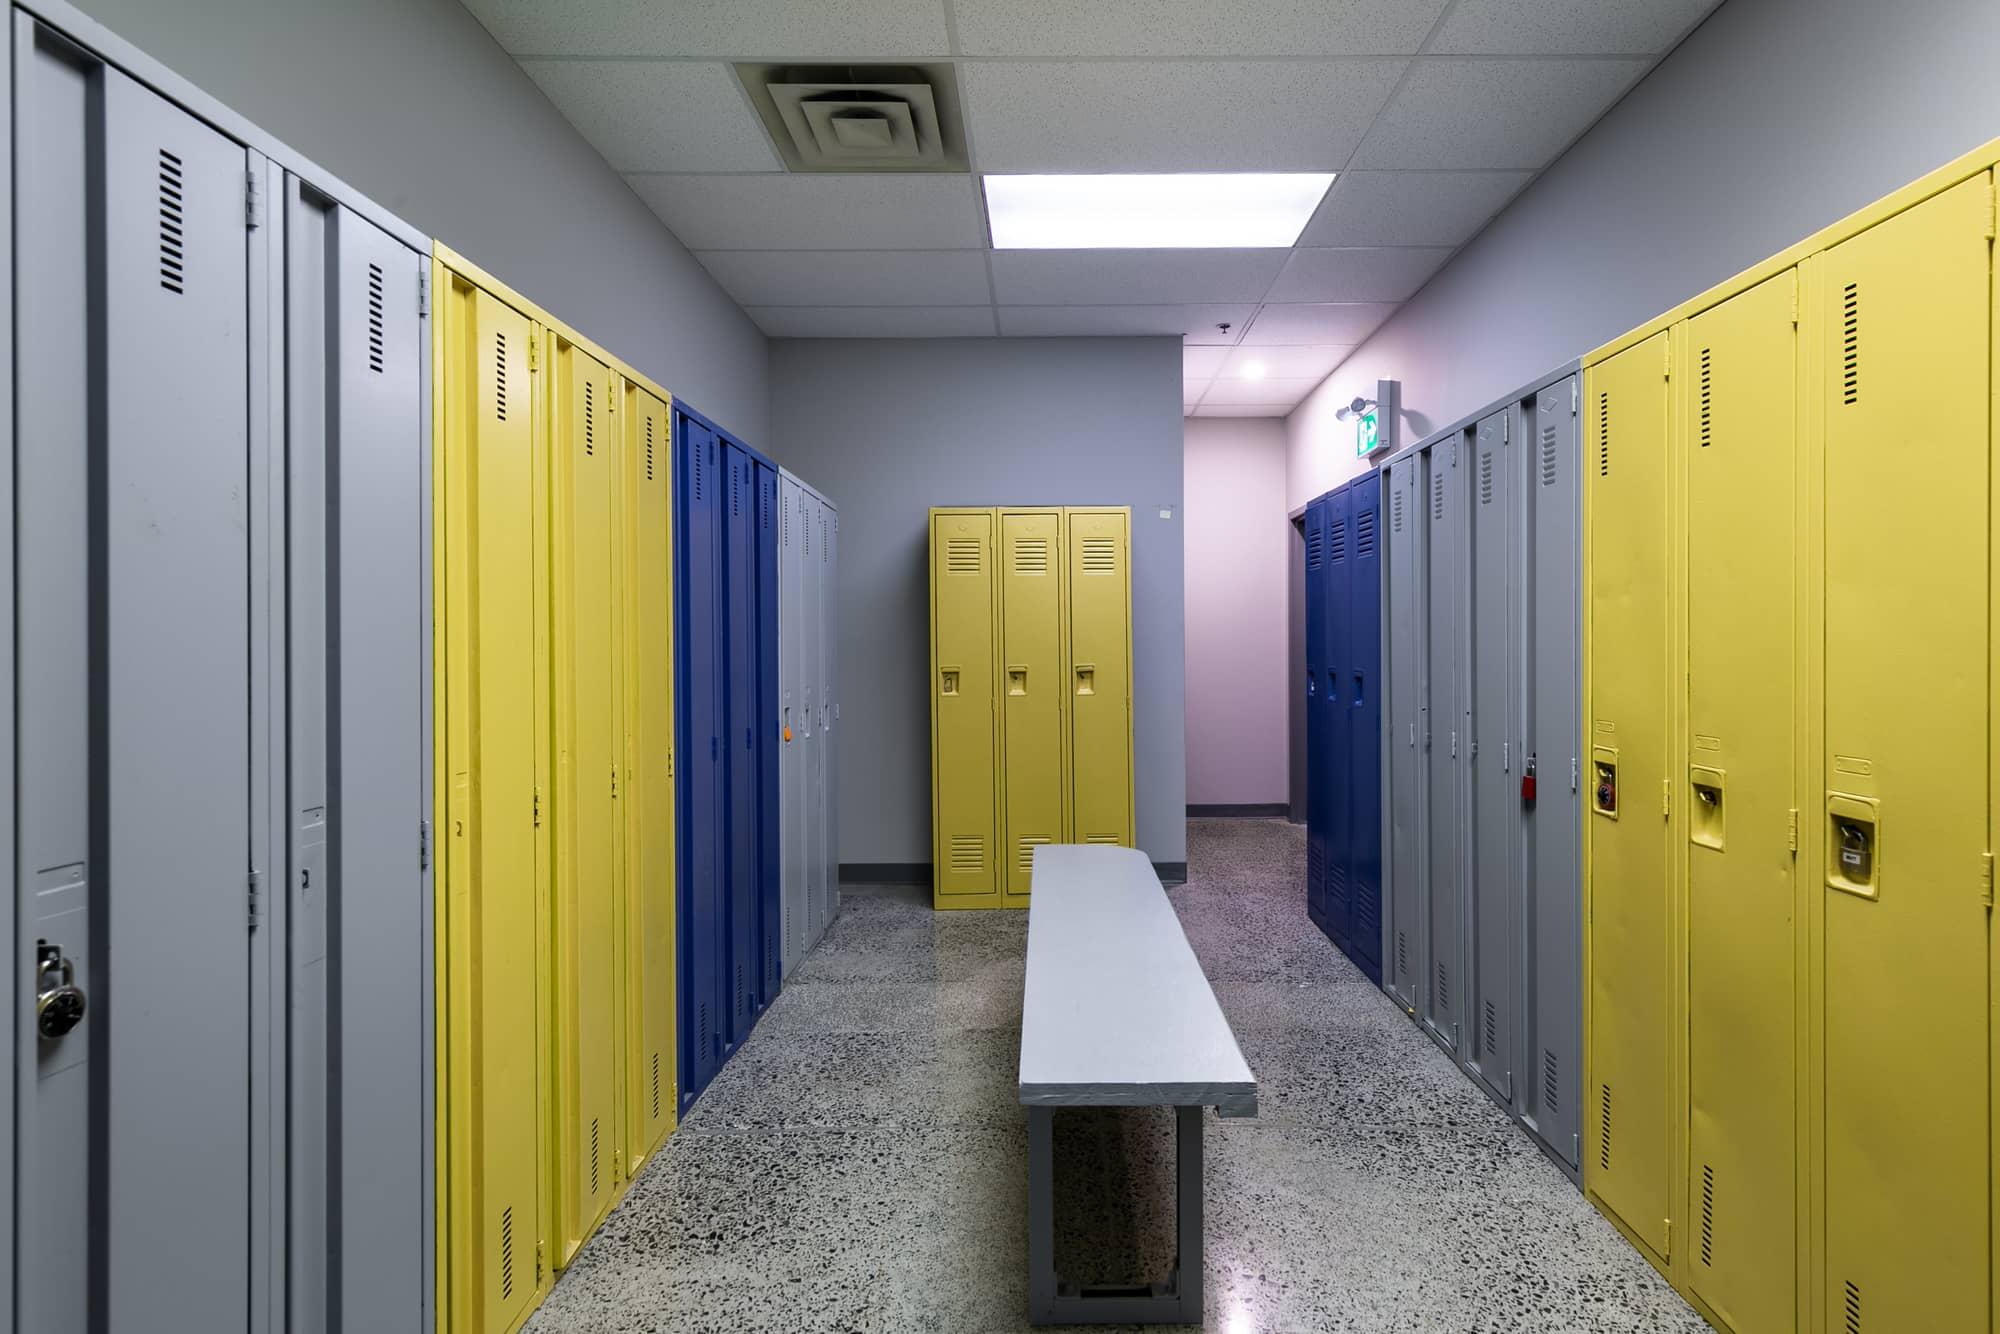 casier metal colorés dans une salle d'employés